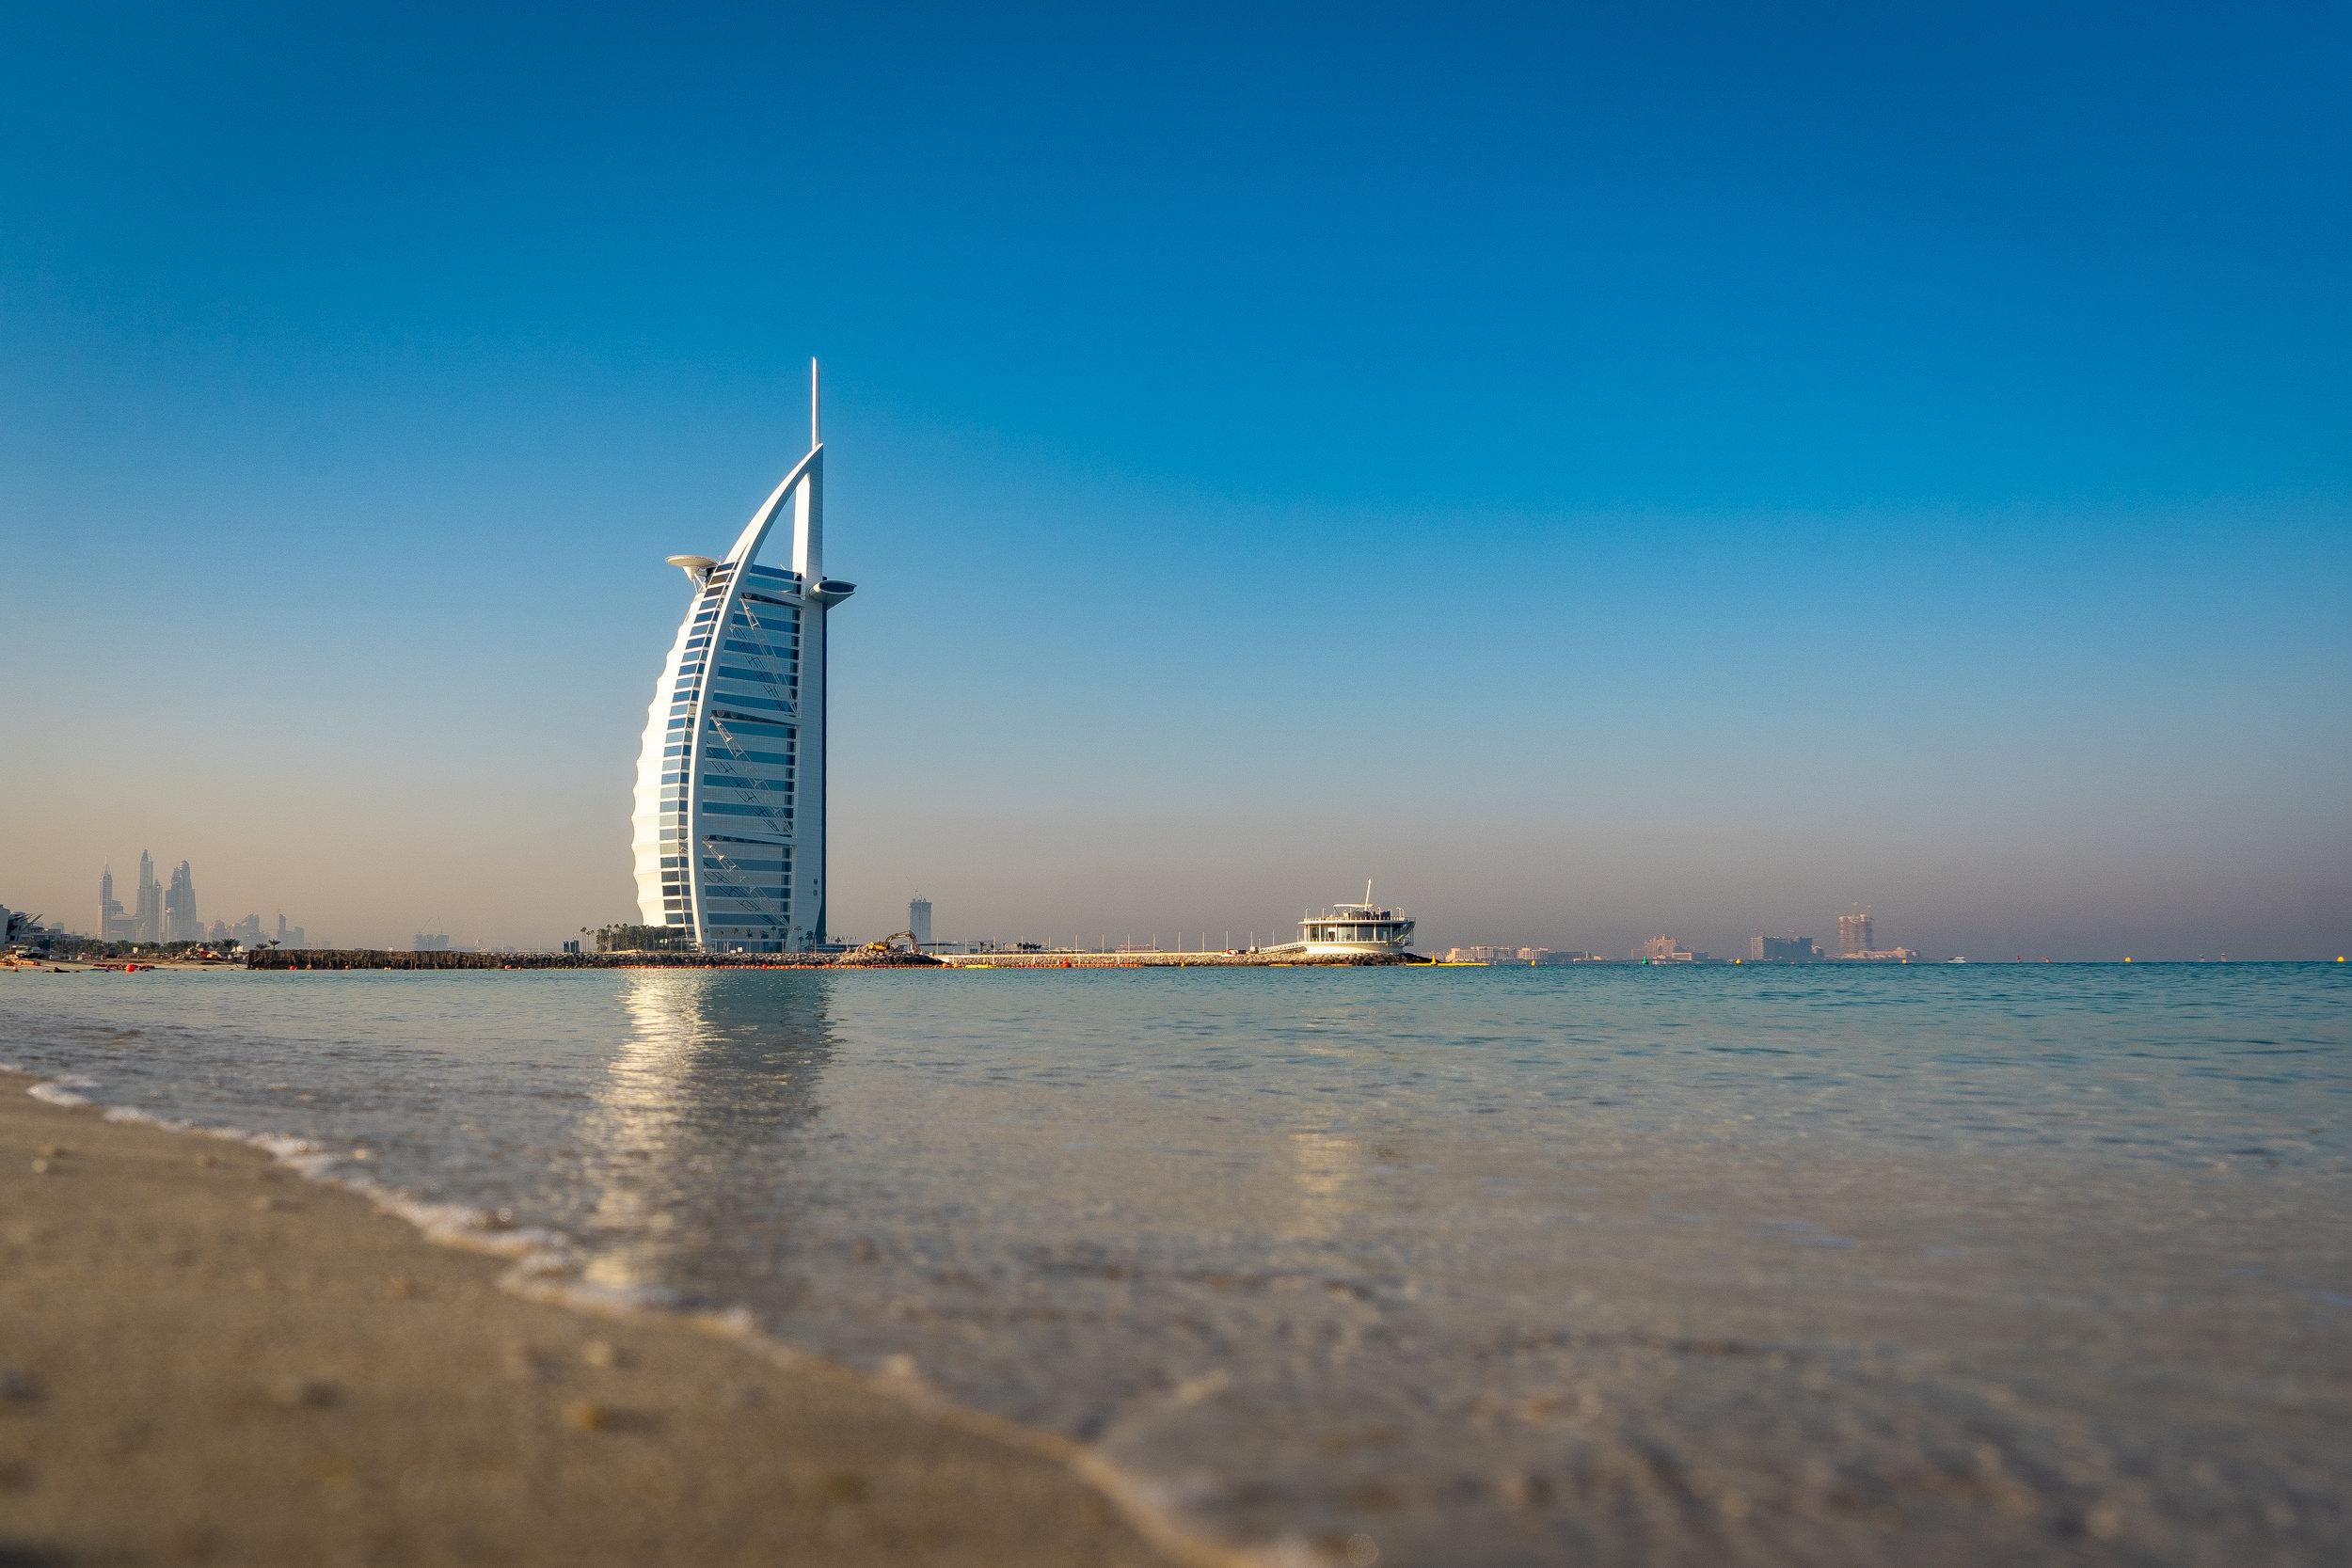 Un día de playa - Aunque la mayoría de los hoteles famosos, como el Burj Al Arab, son muy costosos, las playas cercanas a la mayoría de ellos son públicas. Irte un día de playa con las impresionantes vistas de los rascacielos de fondo no tiene precio. La más famosa es Kite Beach.